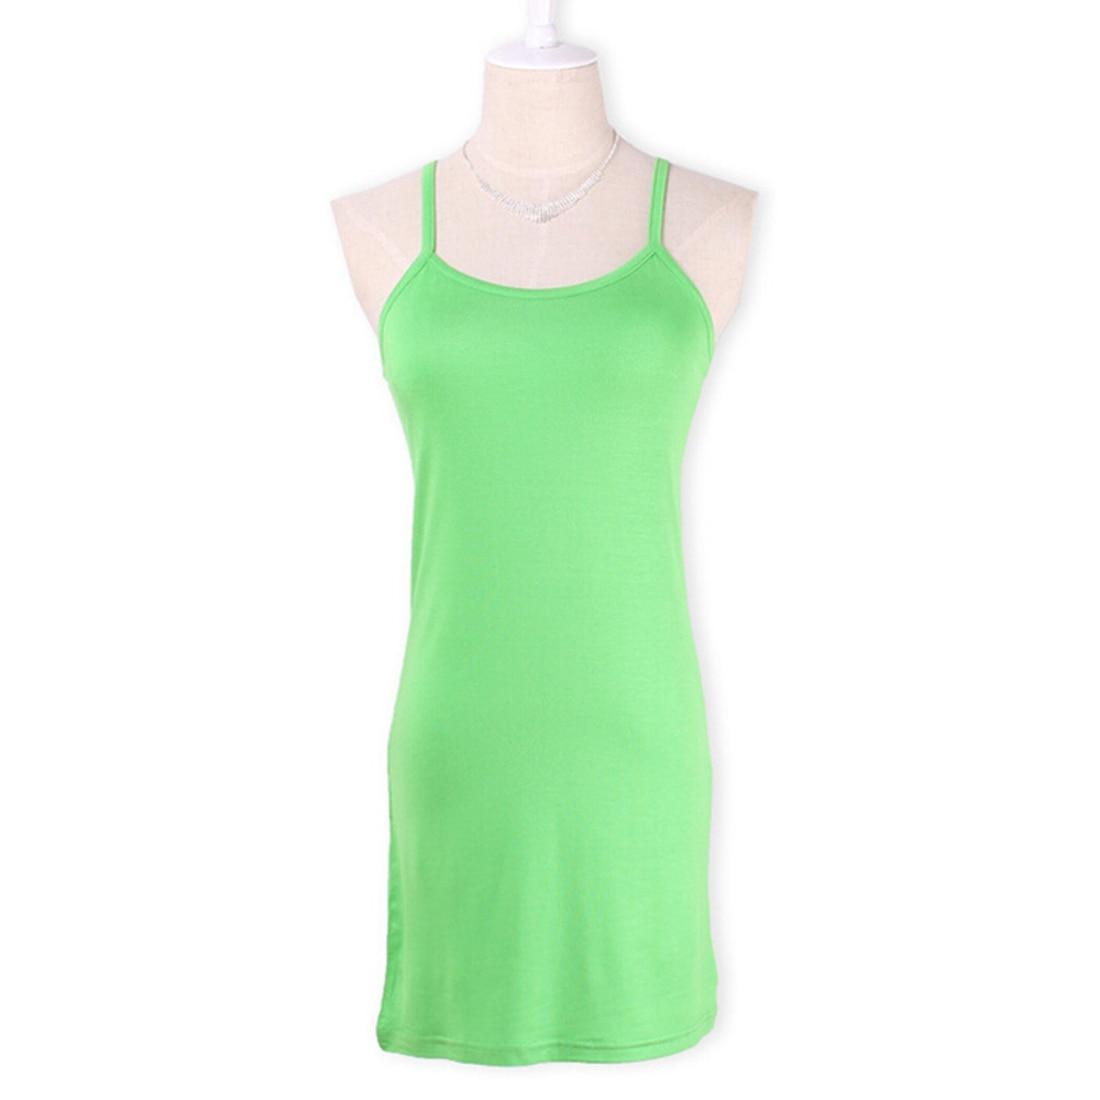 Новинка, Женская эластичная кофточка на бретельках, Длинный топ на бретелях, Мини Короткое платье, летнее повседневное сексуальное платье без рукавов для женщин - Цвет: apple green